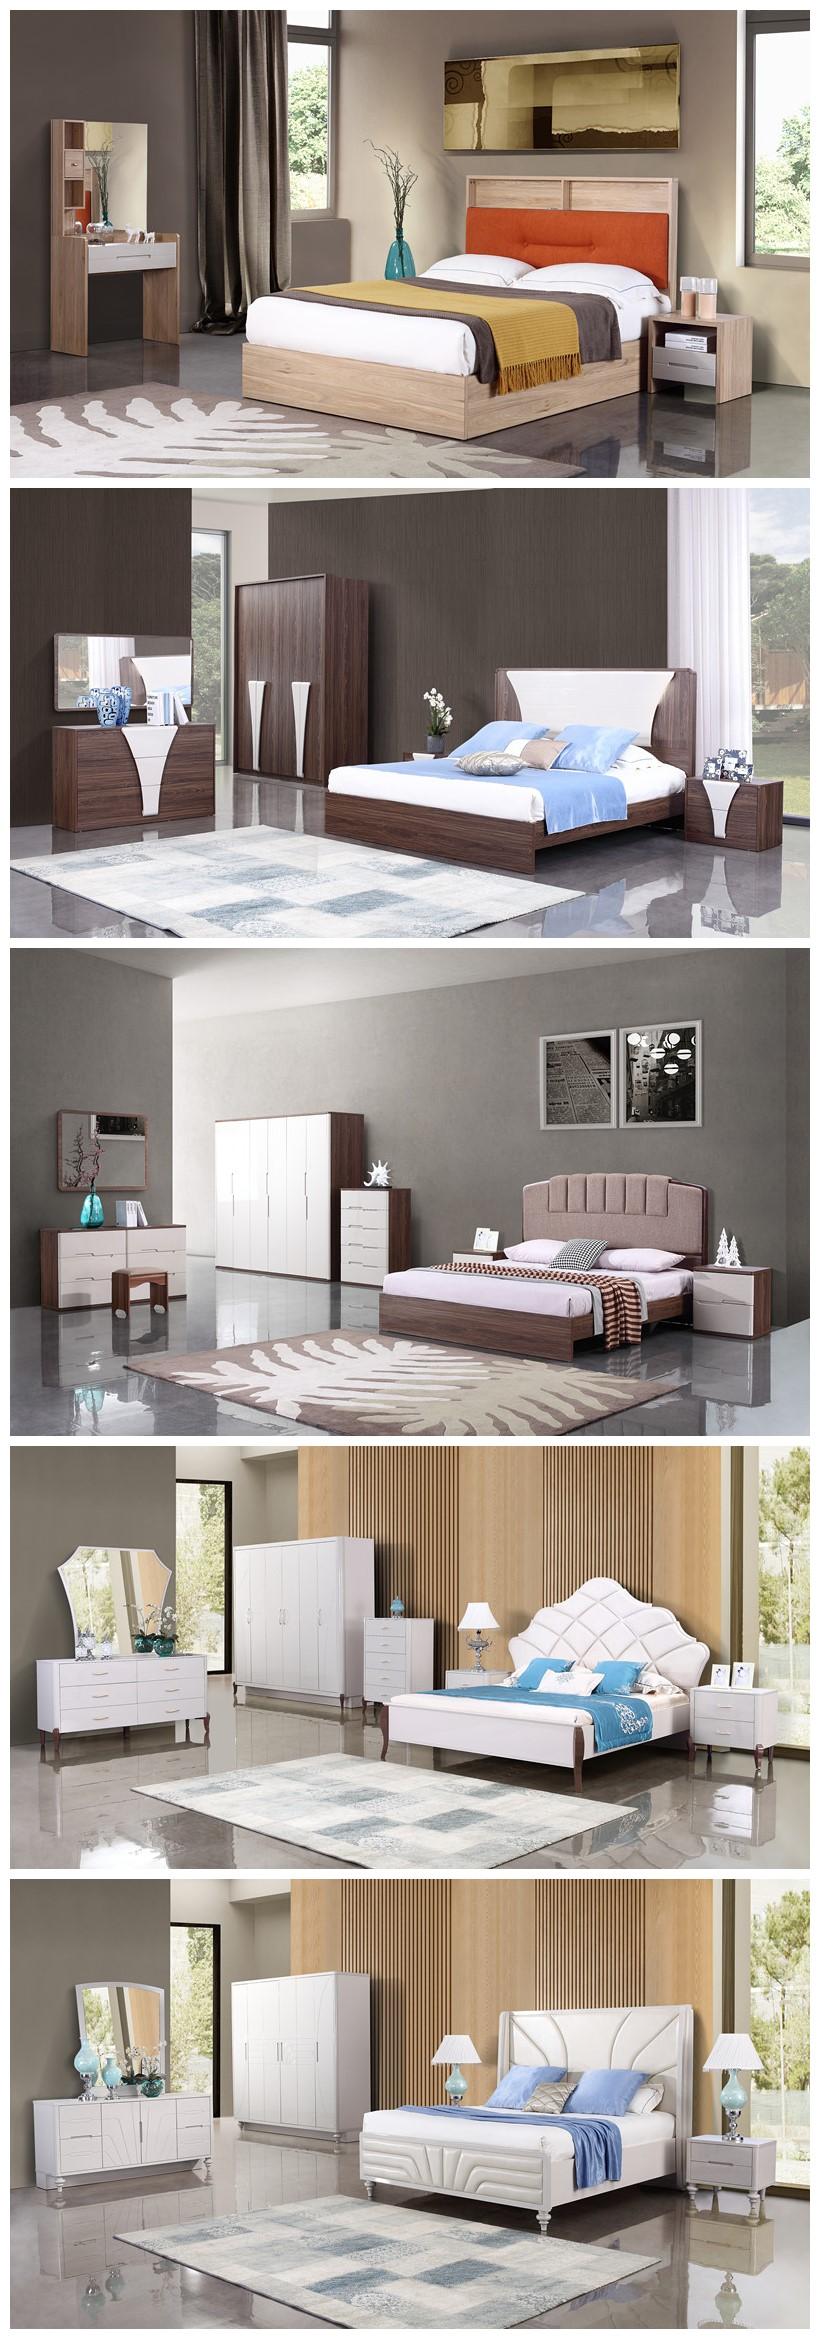 . Direct Buy Furniture Full House Furniture Bedroom Furniture Sets